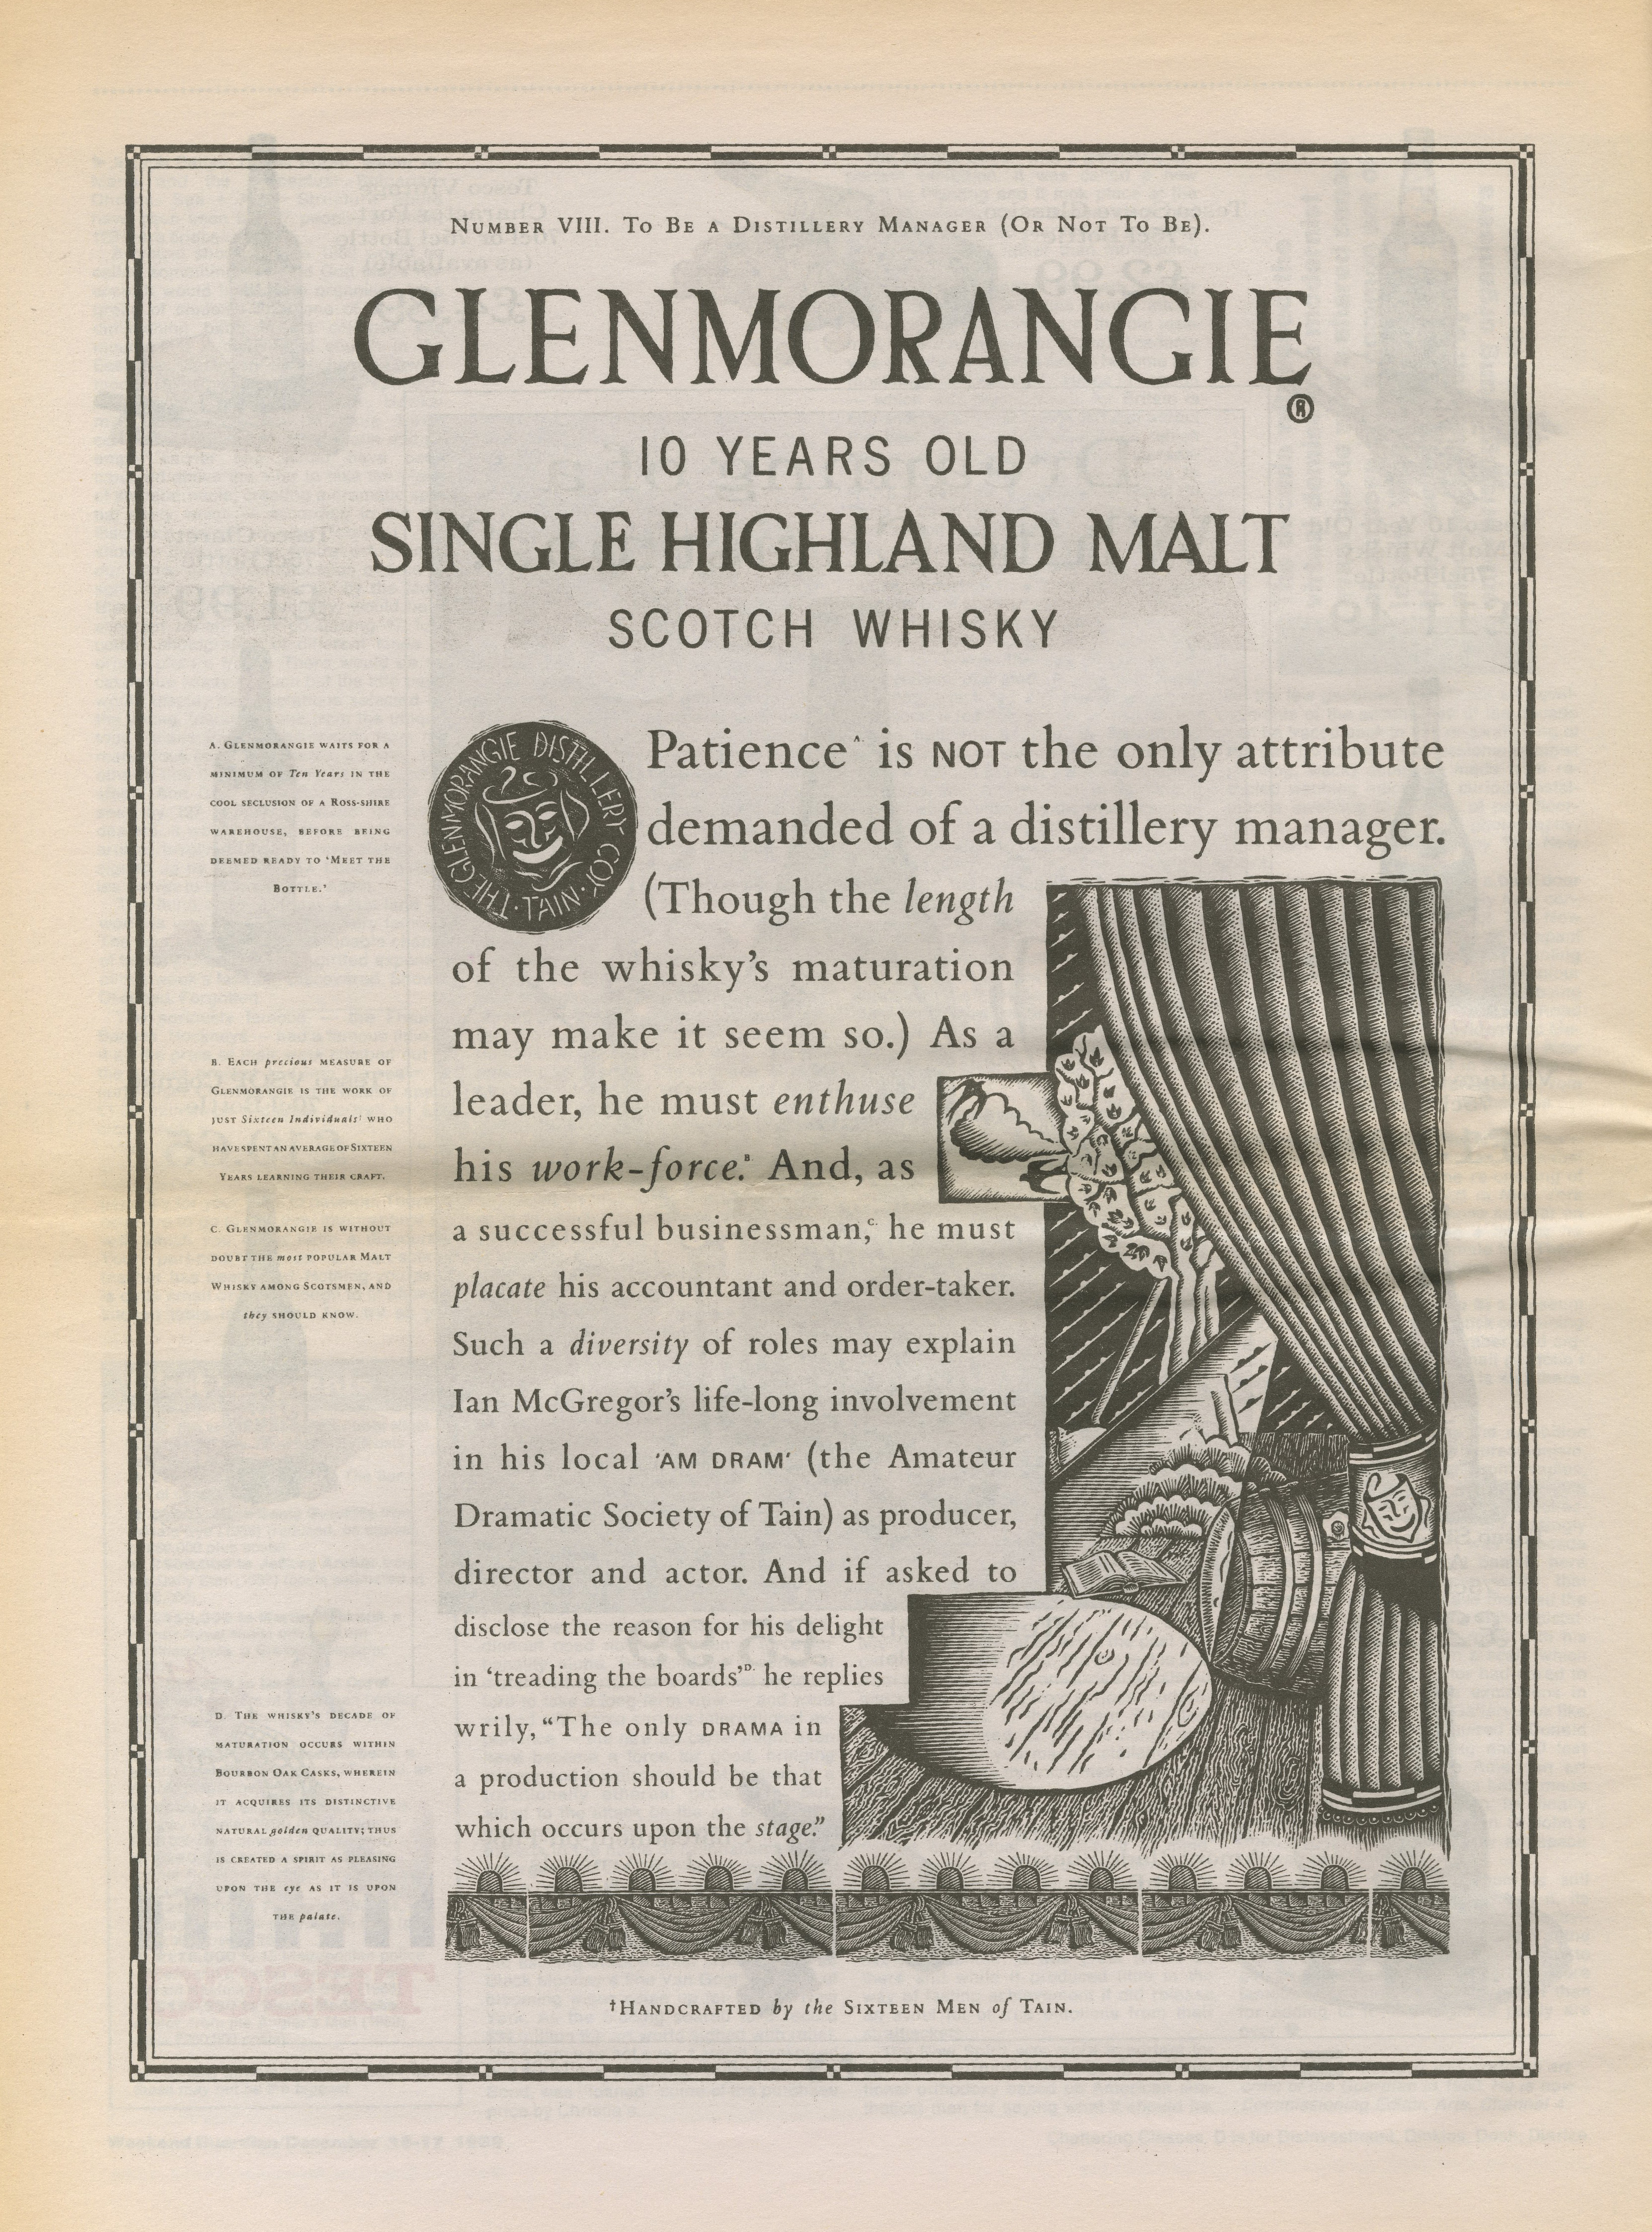 Glenmorangie 'Newspaper' HKR, Mark Reddy